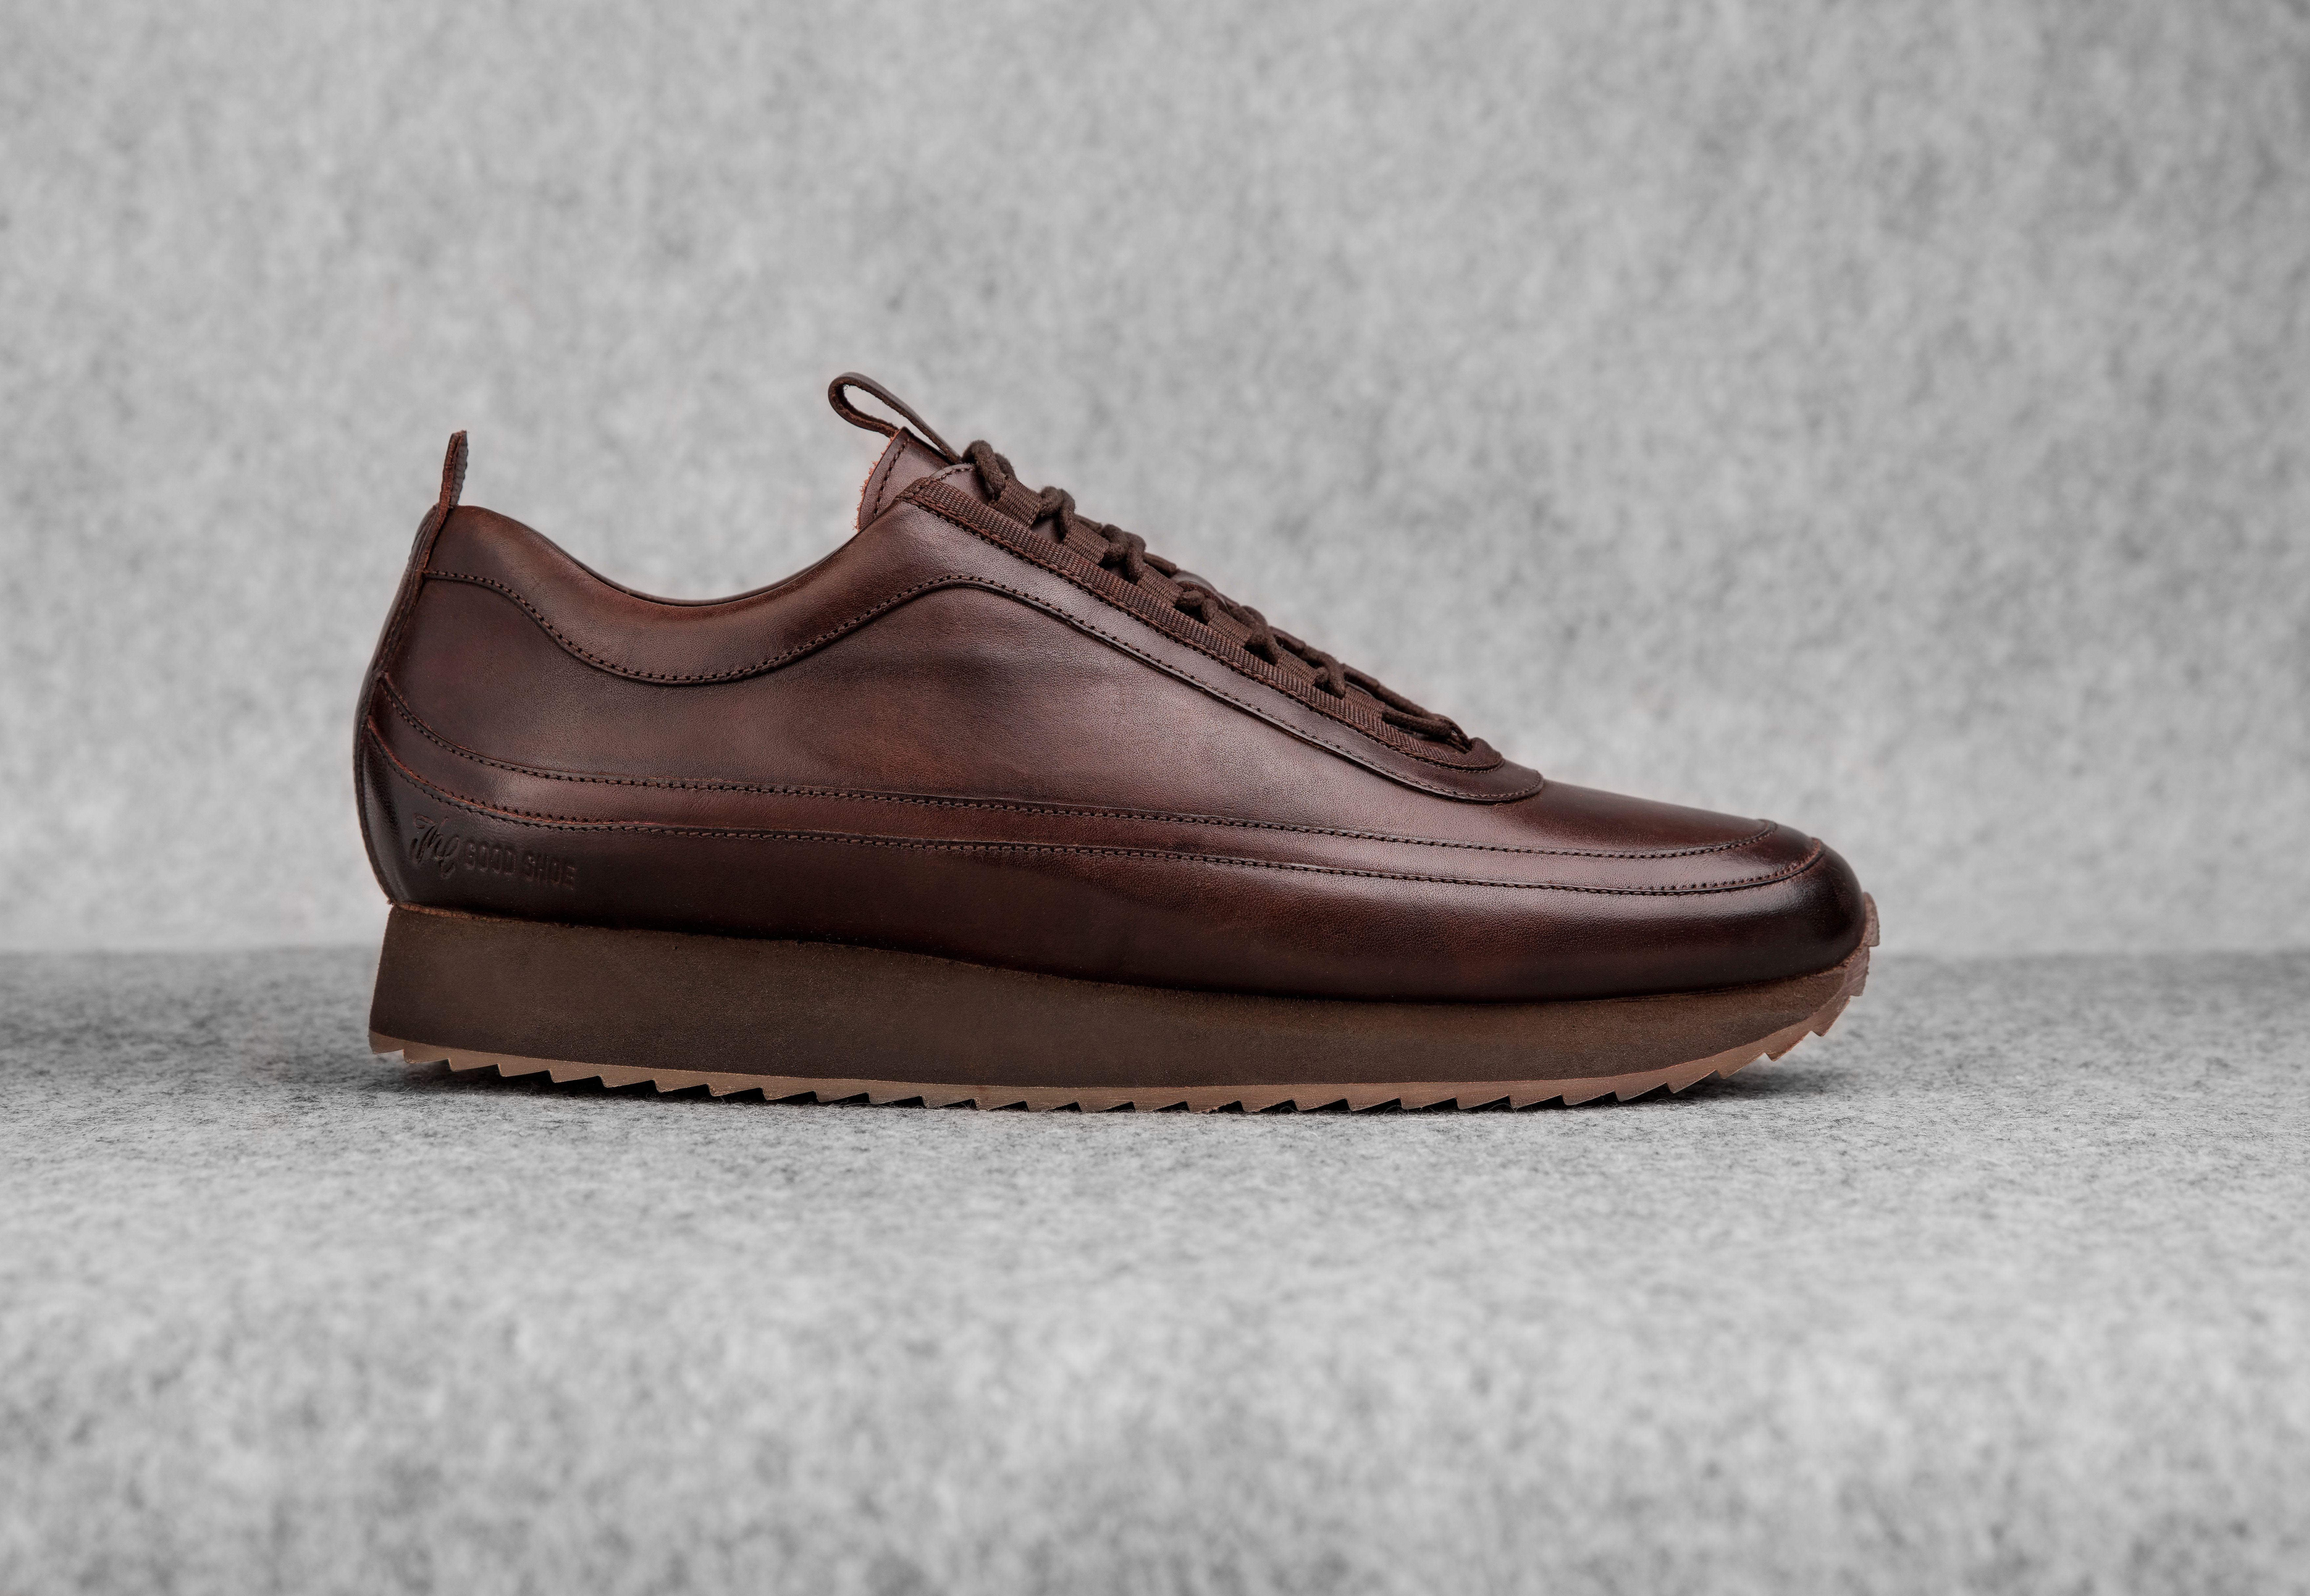 Grenson Runners Zapatos Hombre Moda Zapatos Hombre Calzado Hombre